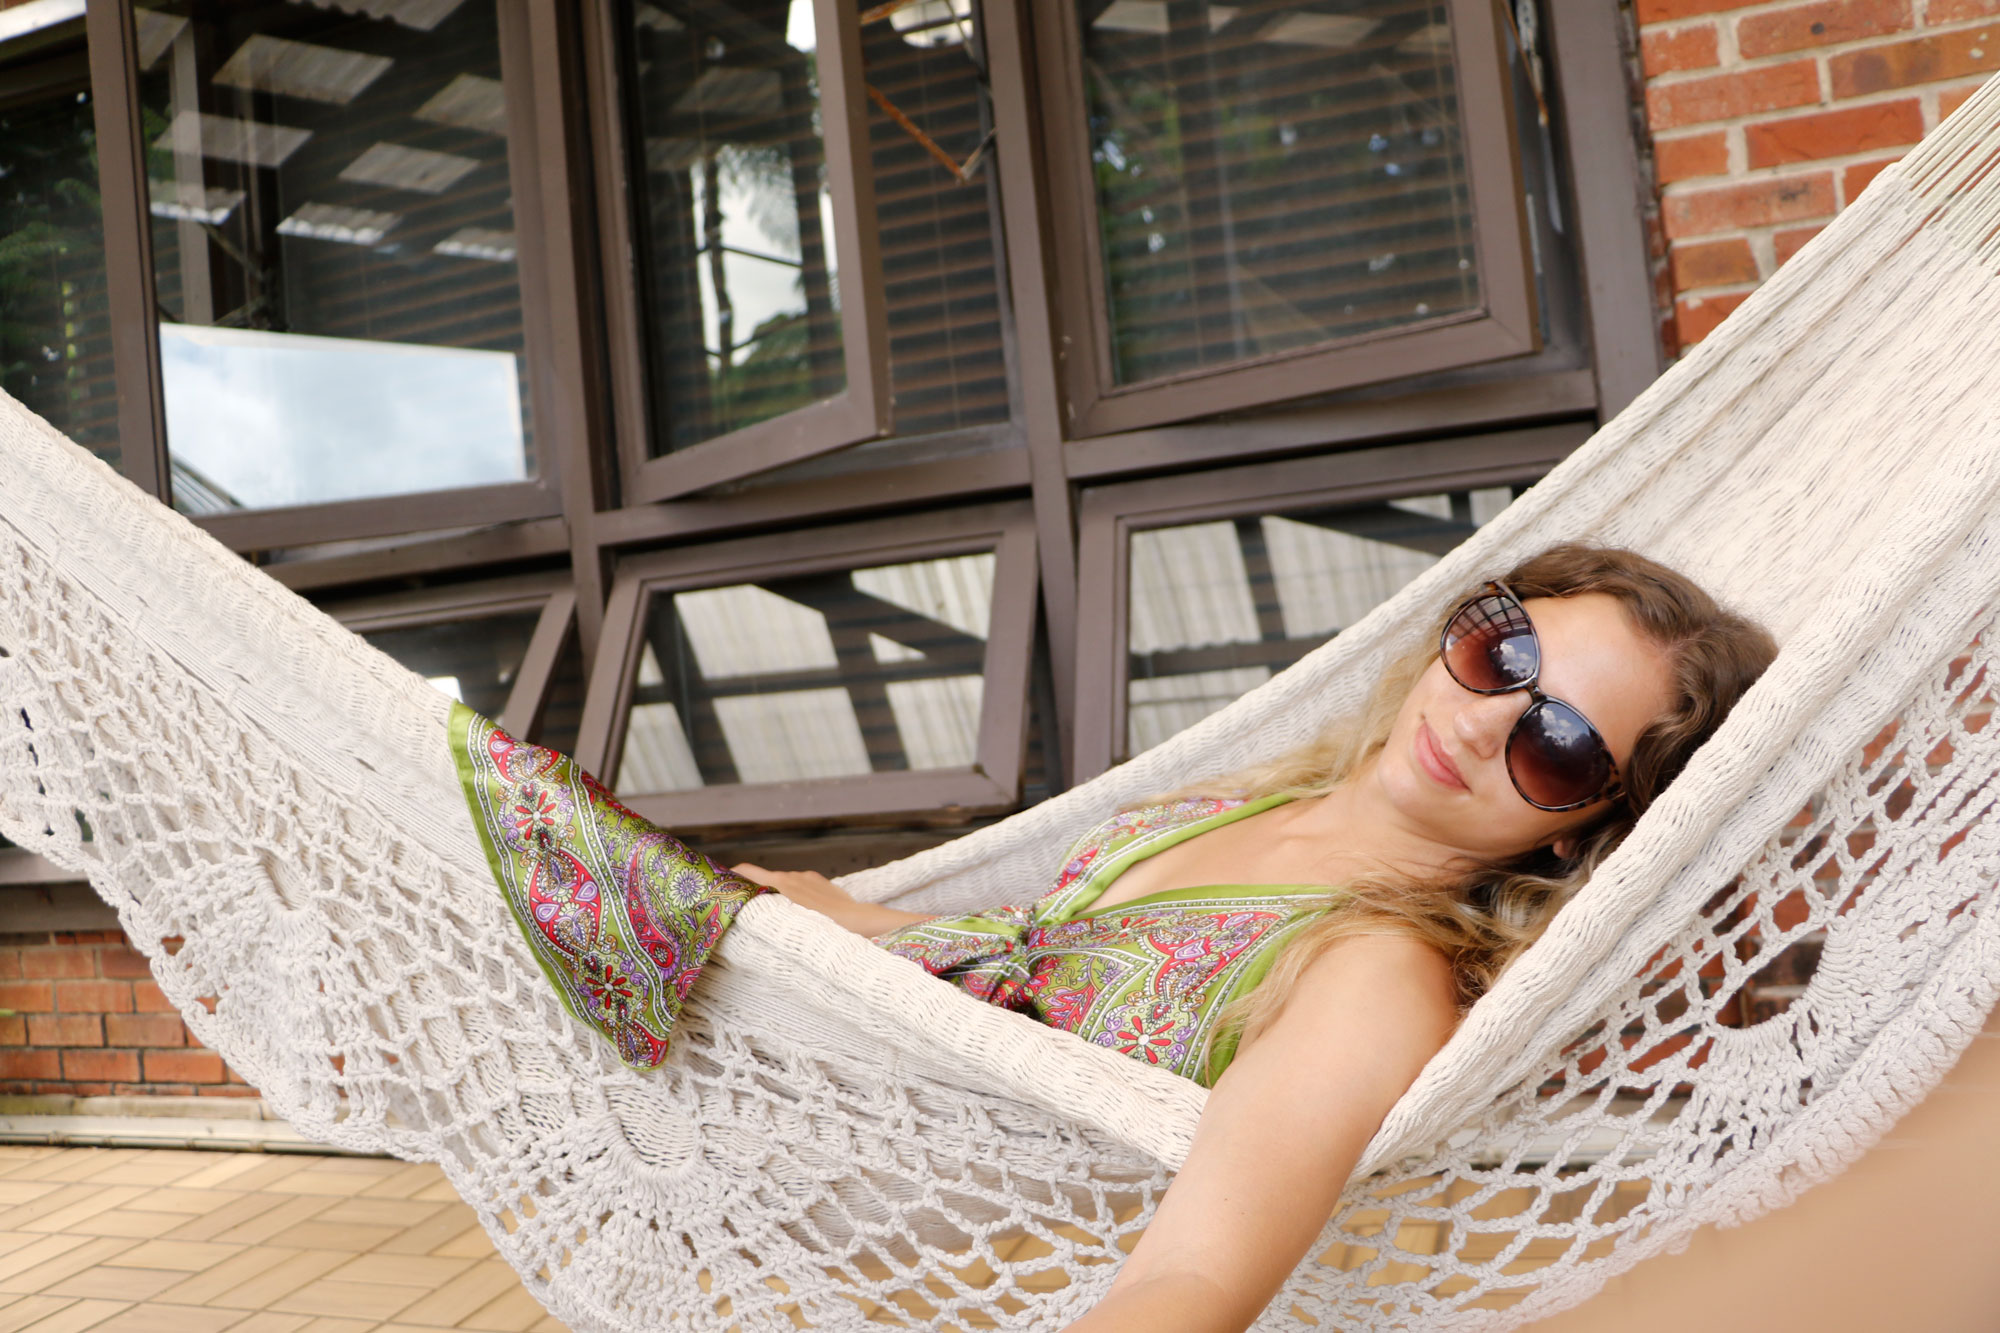 model in hammock.JPG